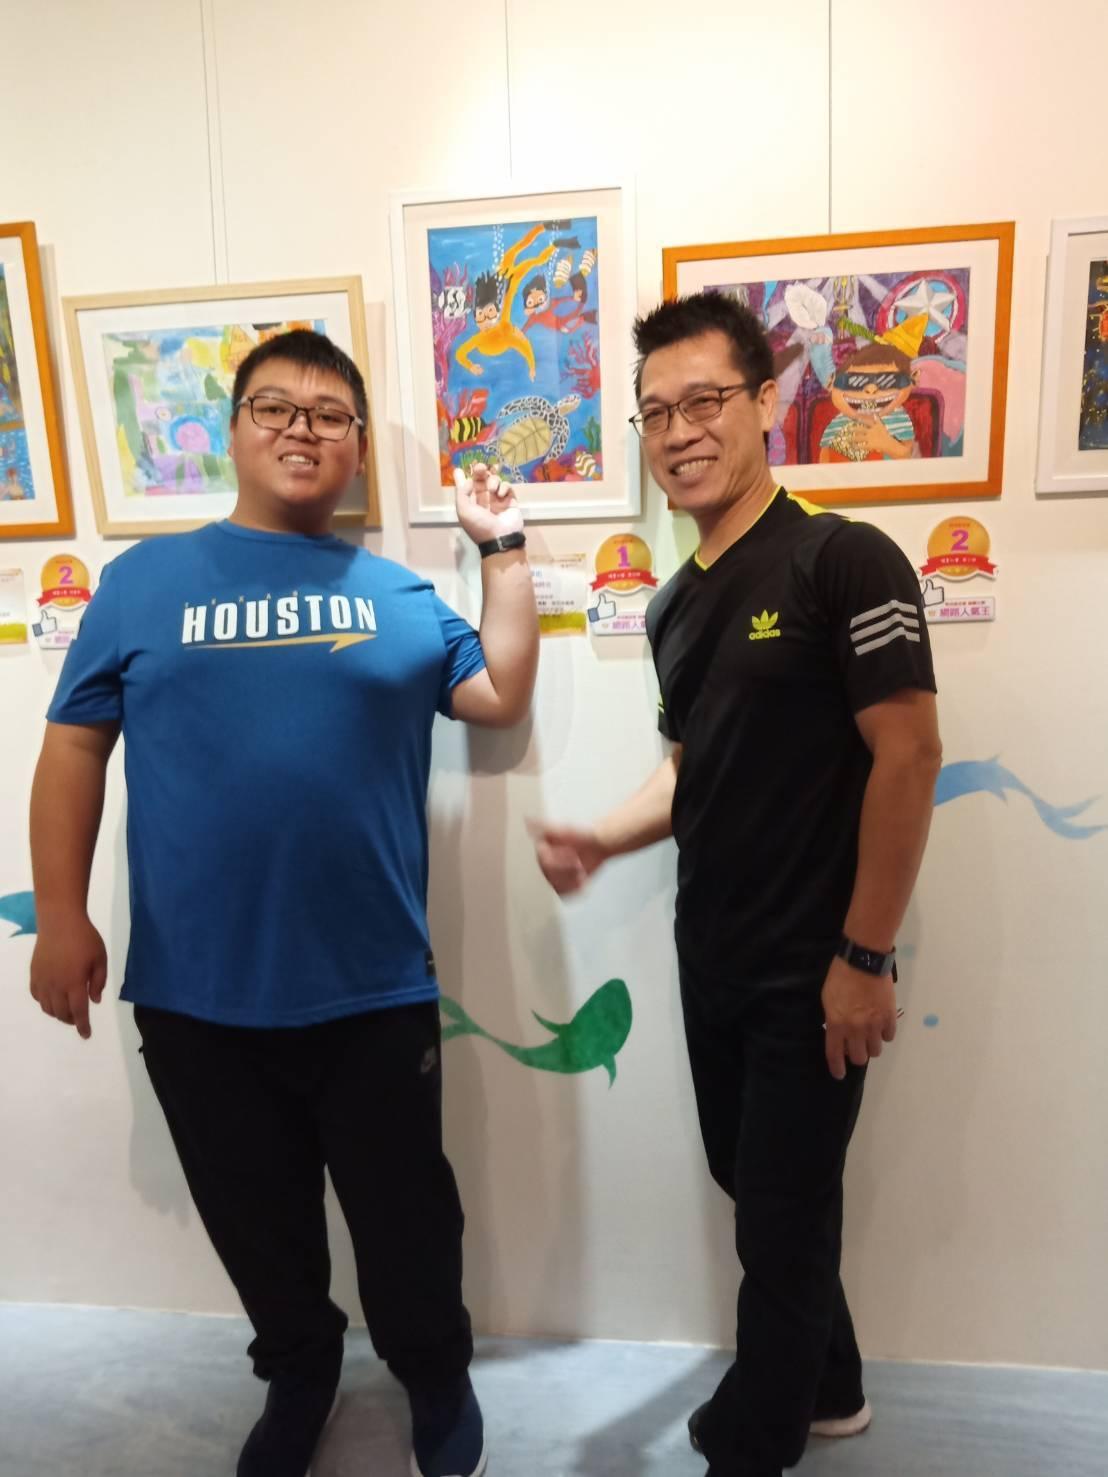 陳韋佑勇奪第11屆育成基金會繪畫比賽青少年組第1。育成基金會/提供